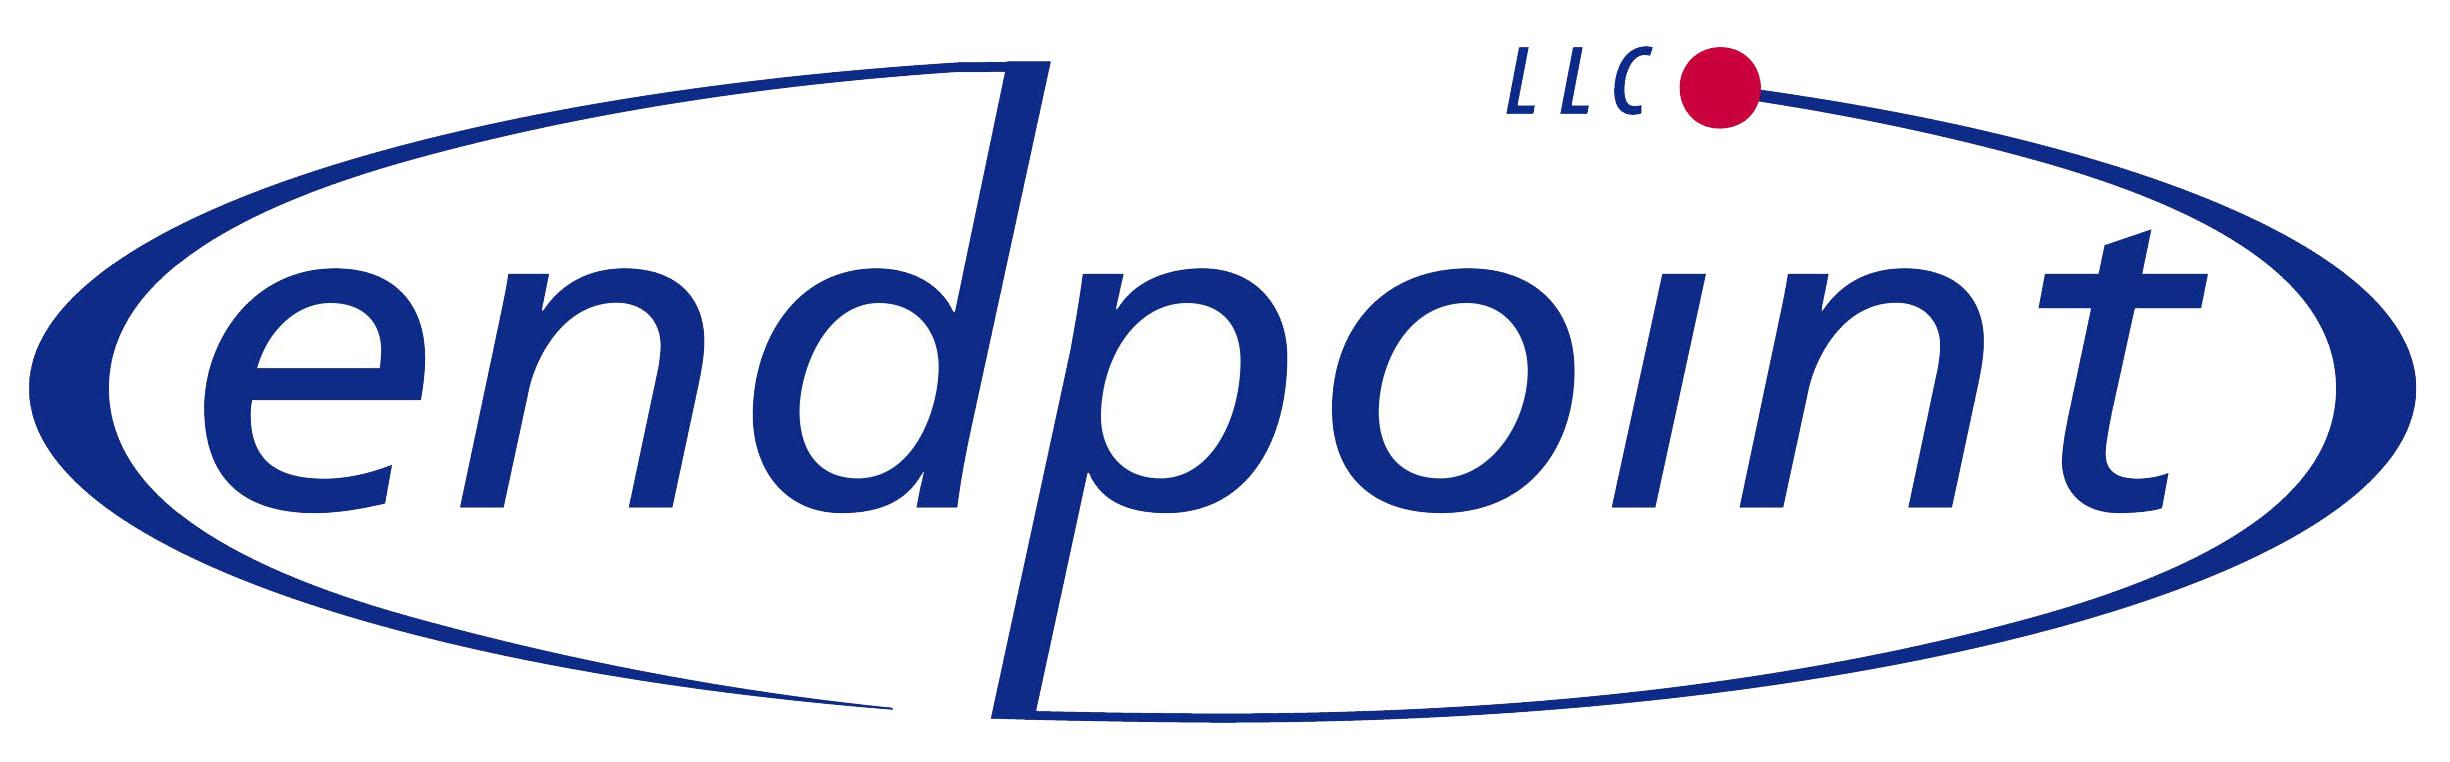 Endpoint, LLC